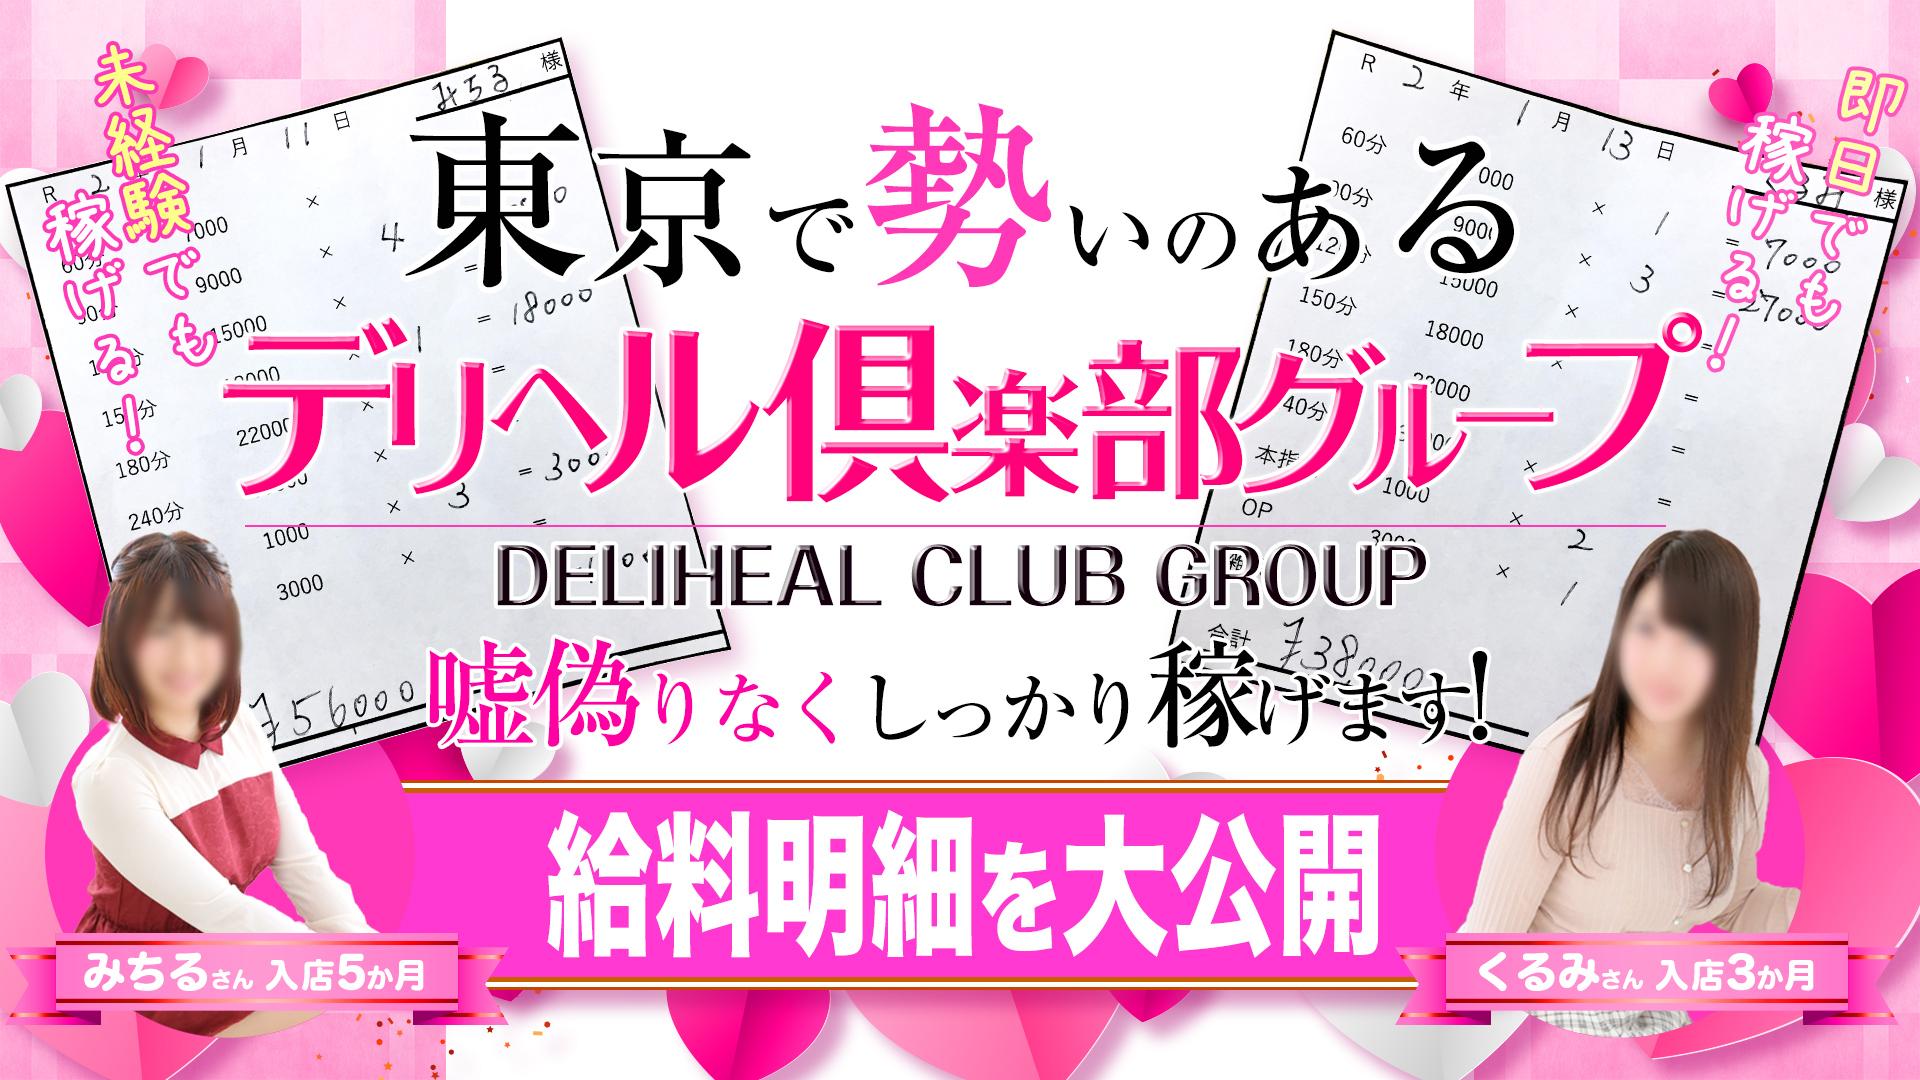 上野デリヘル倶楽部の求人画像